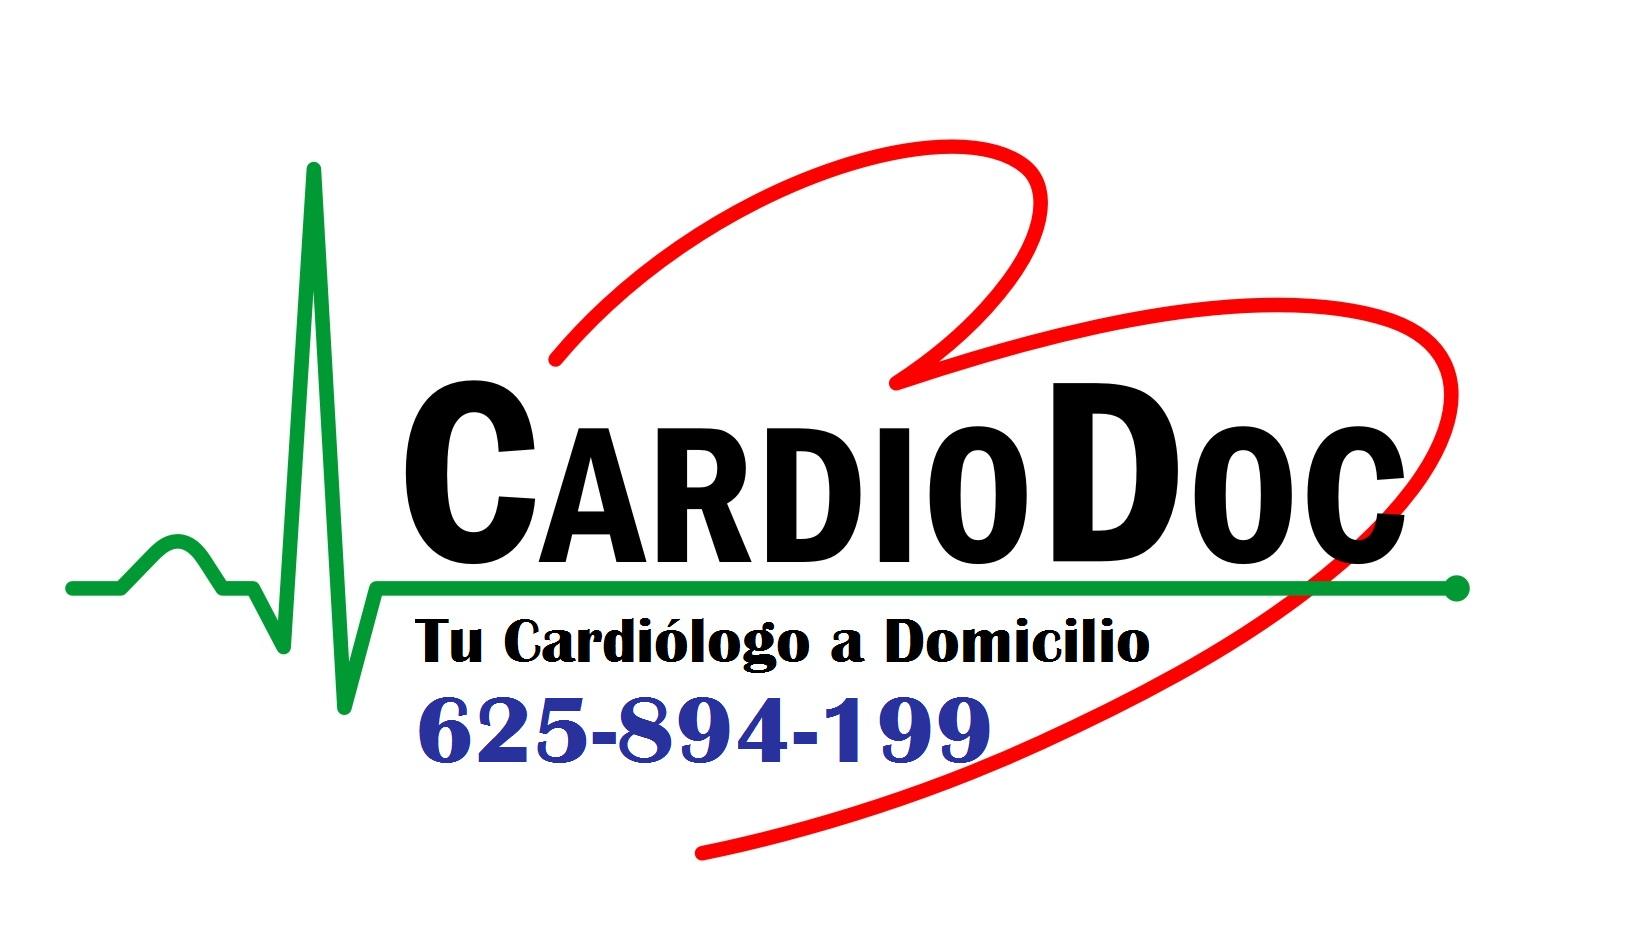 Cardiólogo a Domicilio Madrid y alrededores